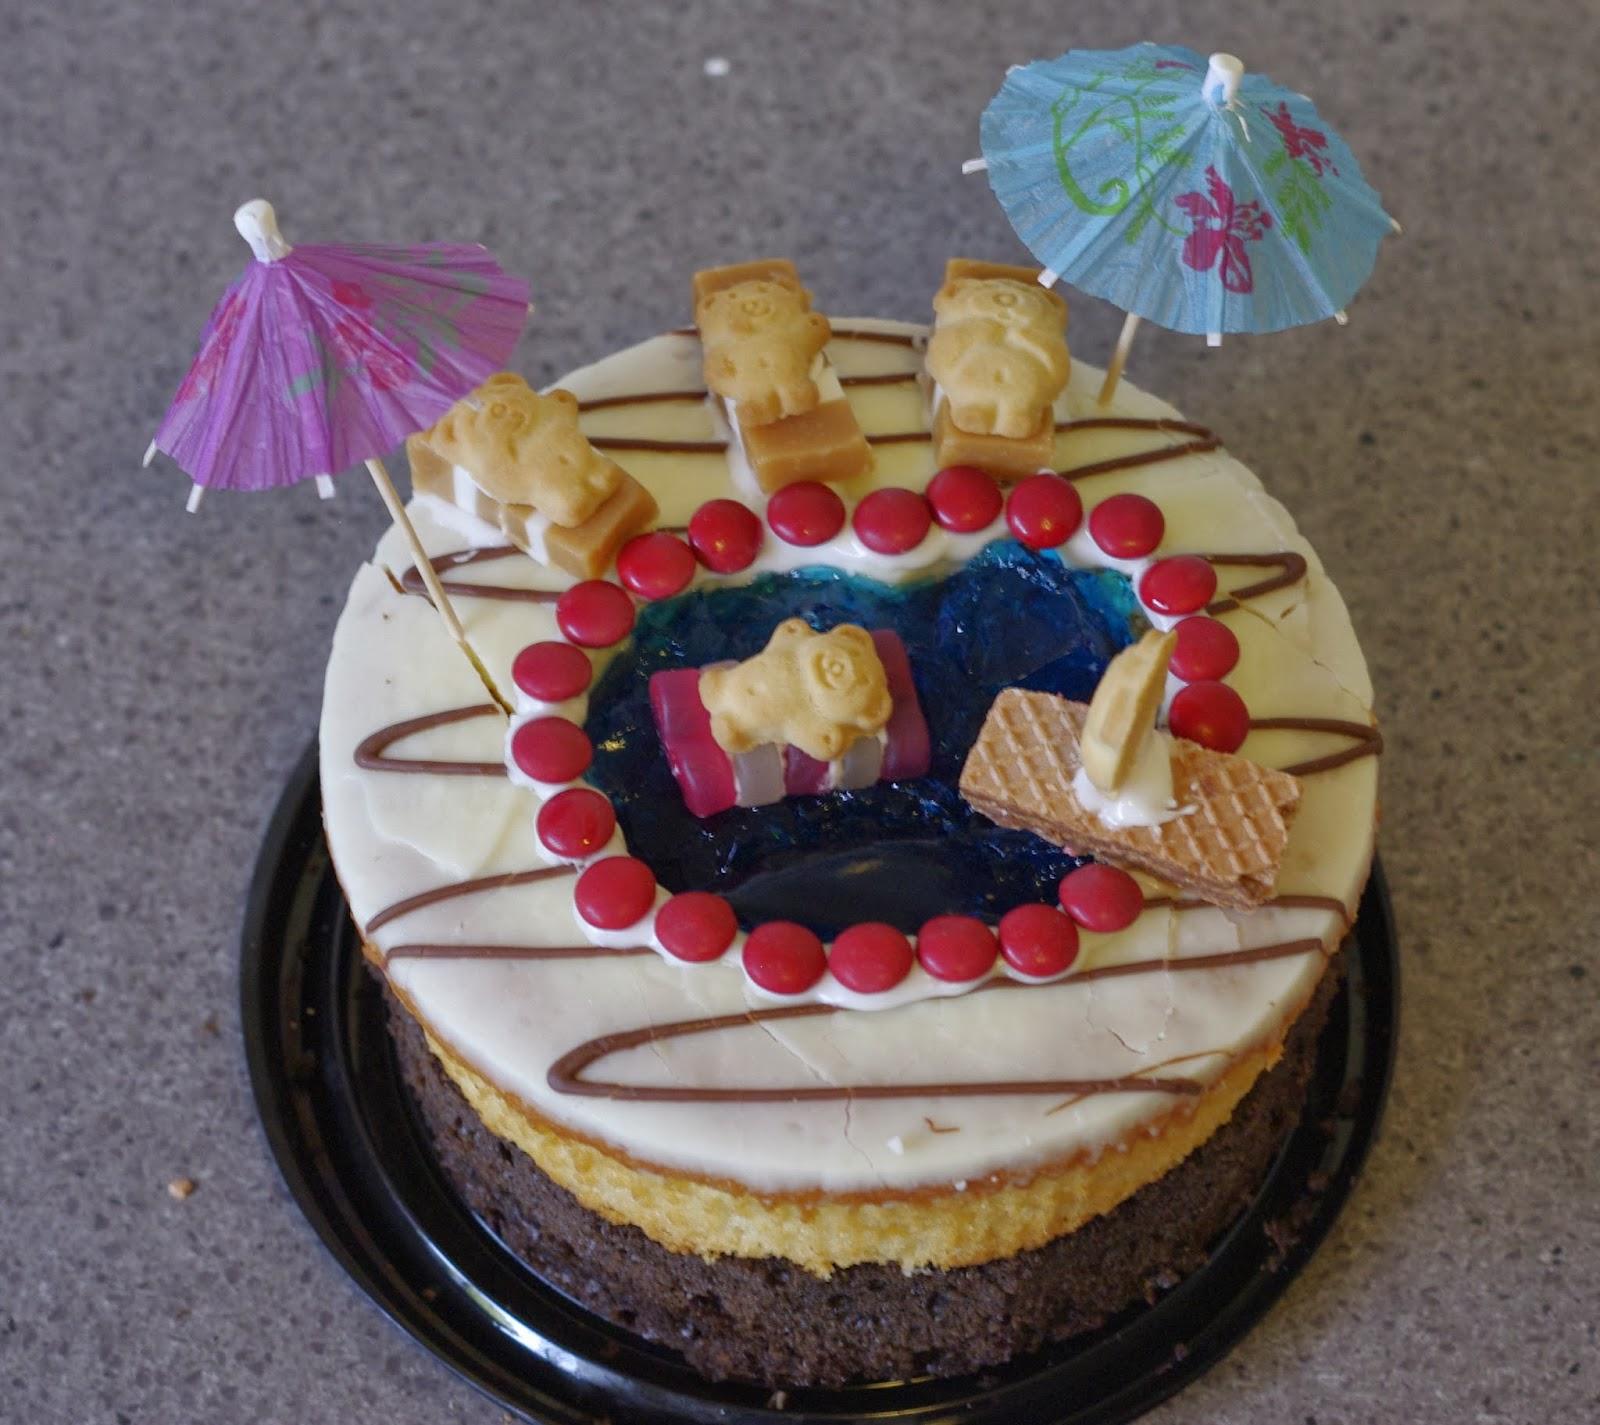 Pixelated Mushroom Swimming Pool Birthday Cake